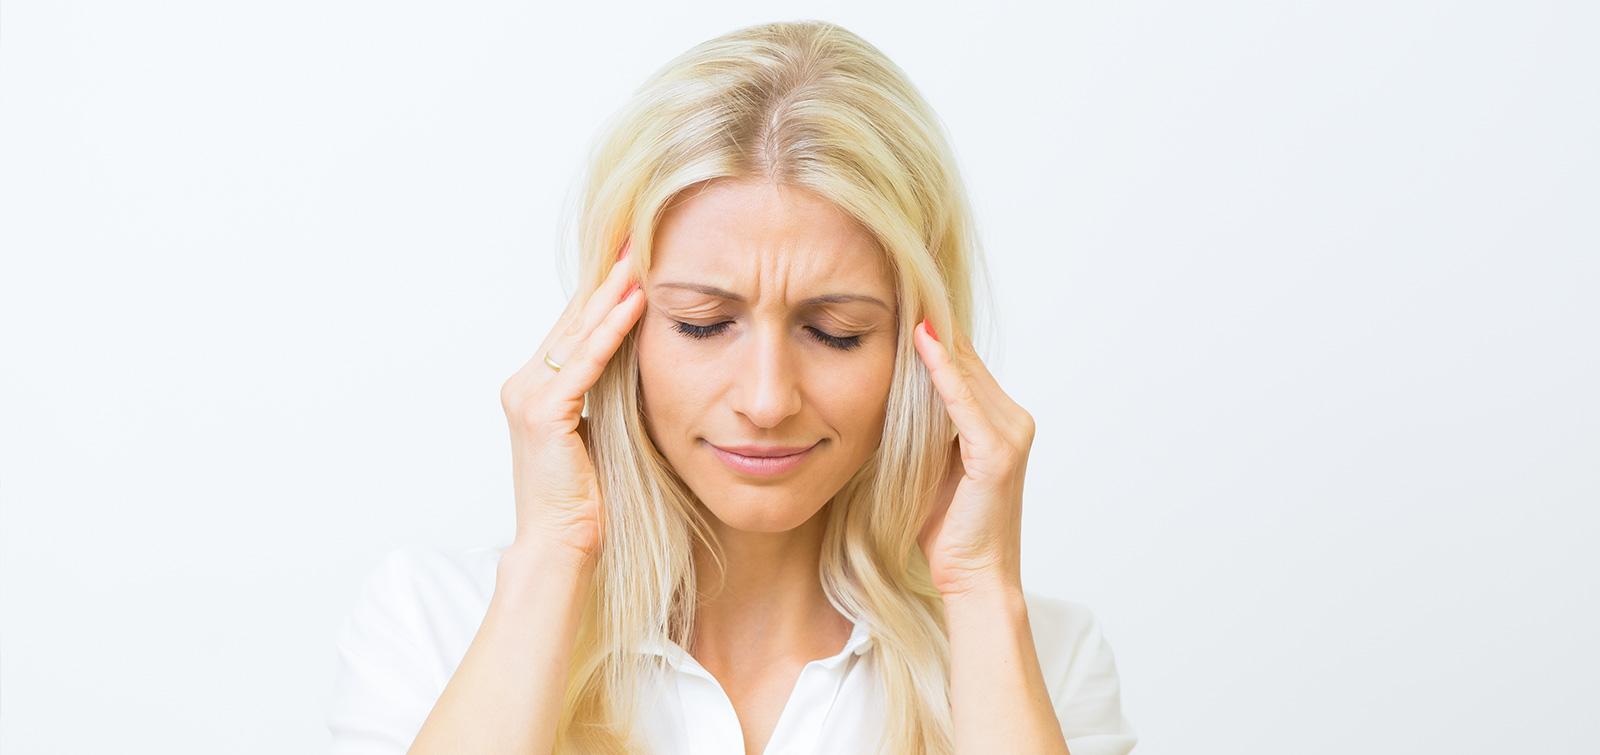 Kieferschmerzen und Kiefergelenkschmerzen: Ursachen und Behandlung